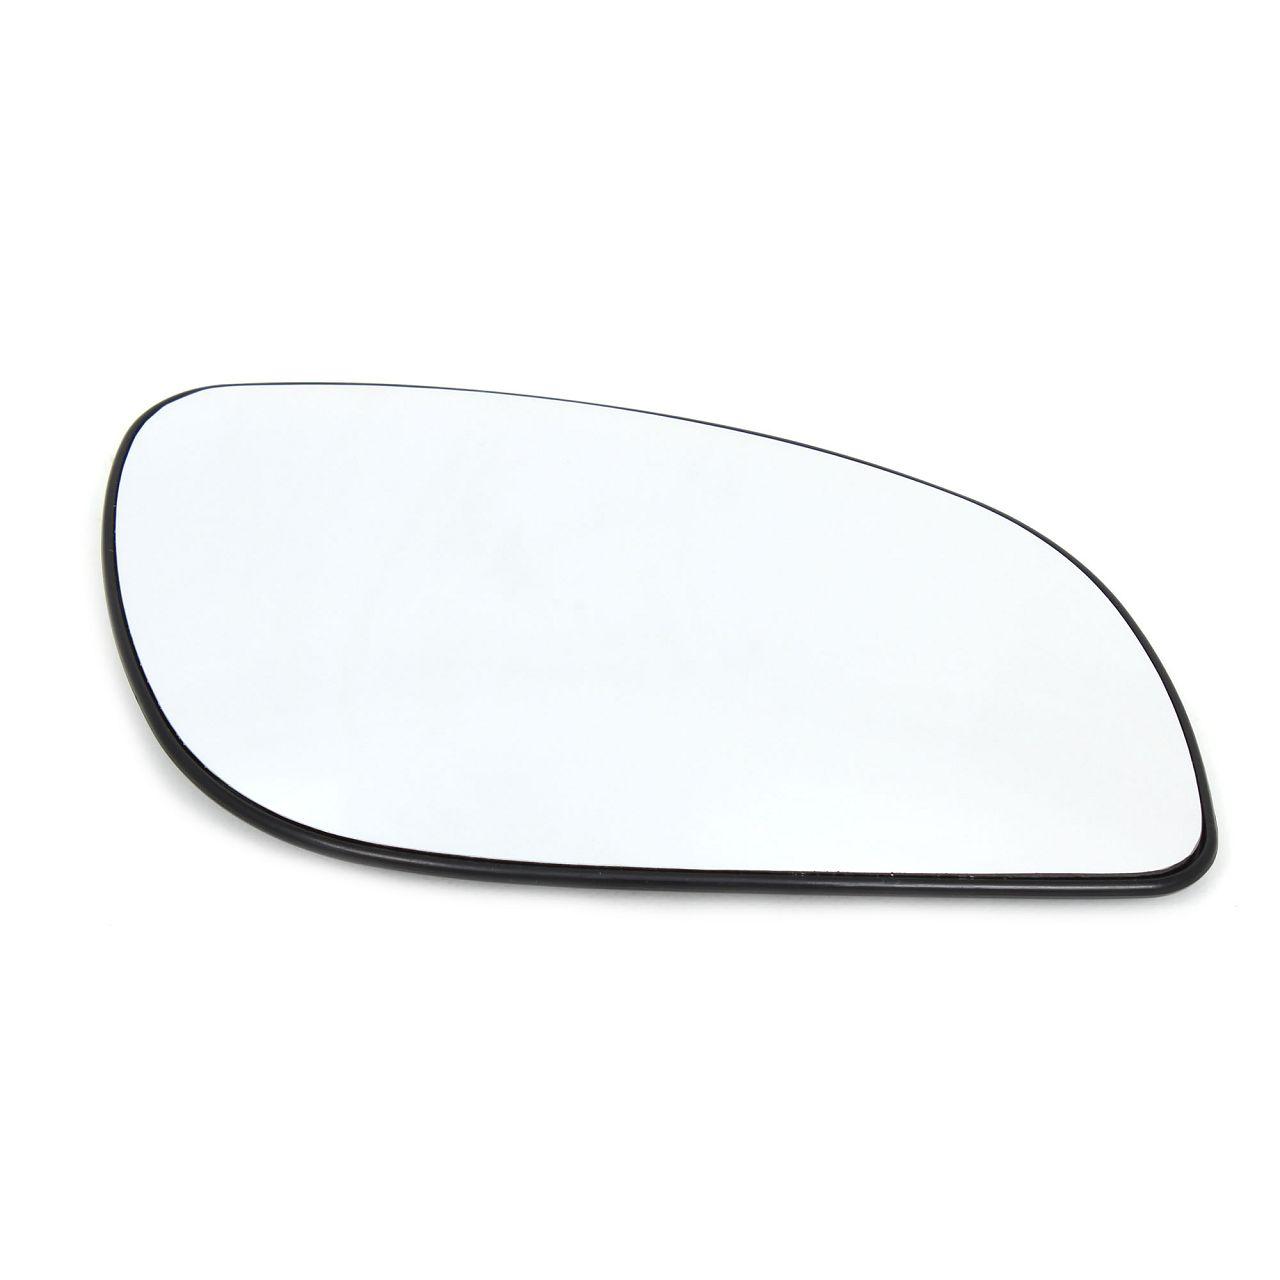 Außenspiegel Spiegelglas ELEKTRISCH für OPEL Signum Vectra C rechts 24438121